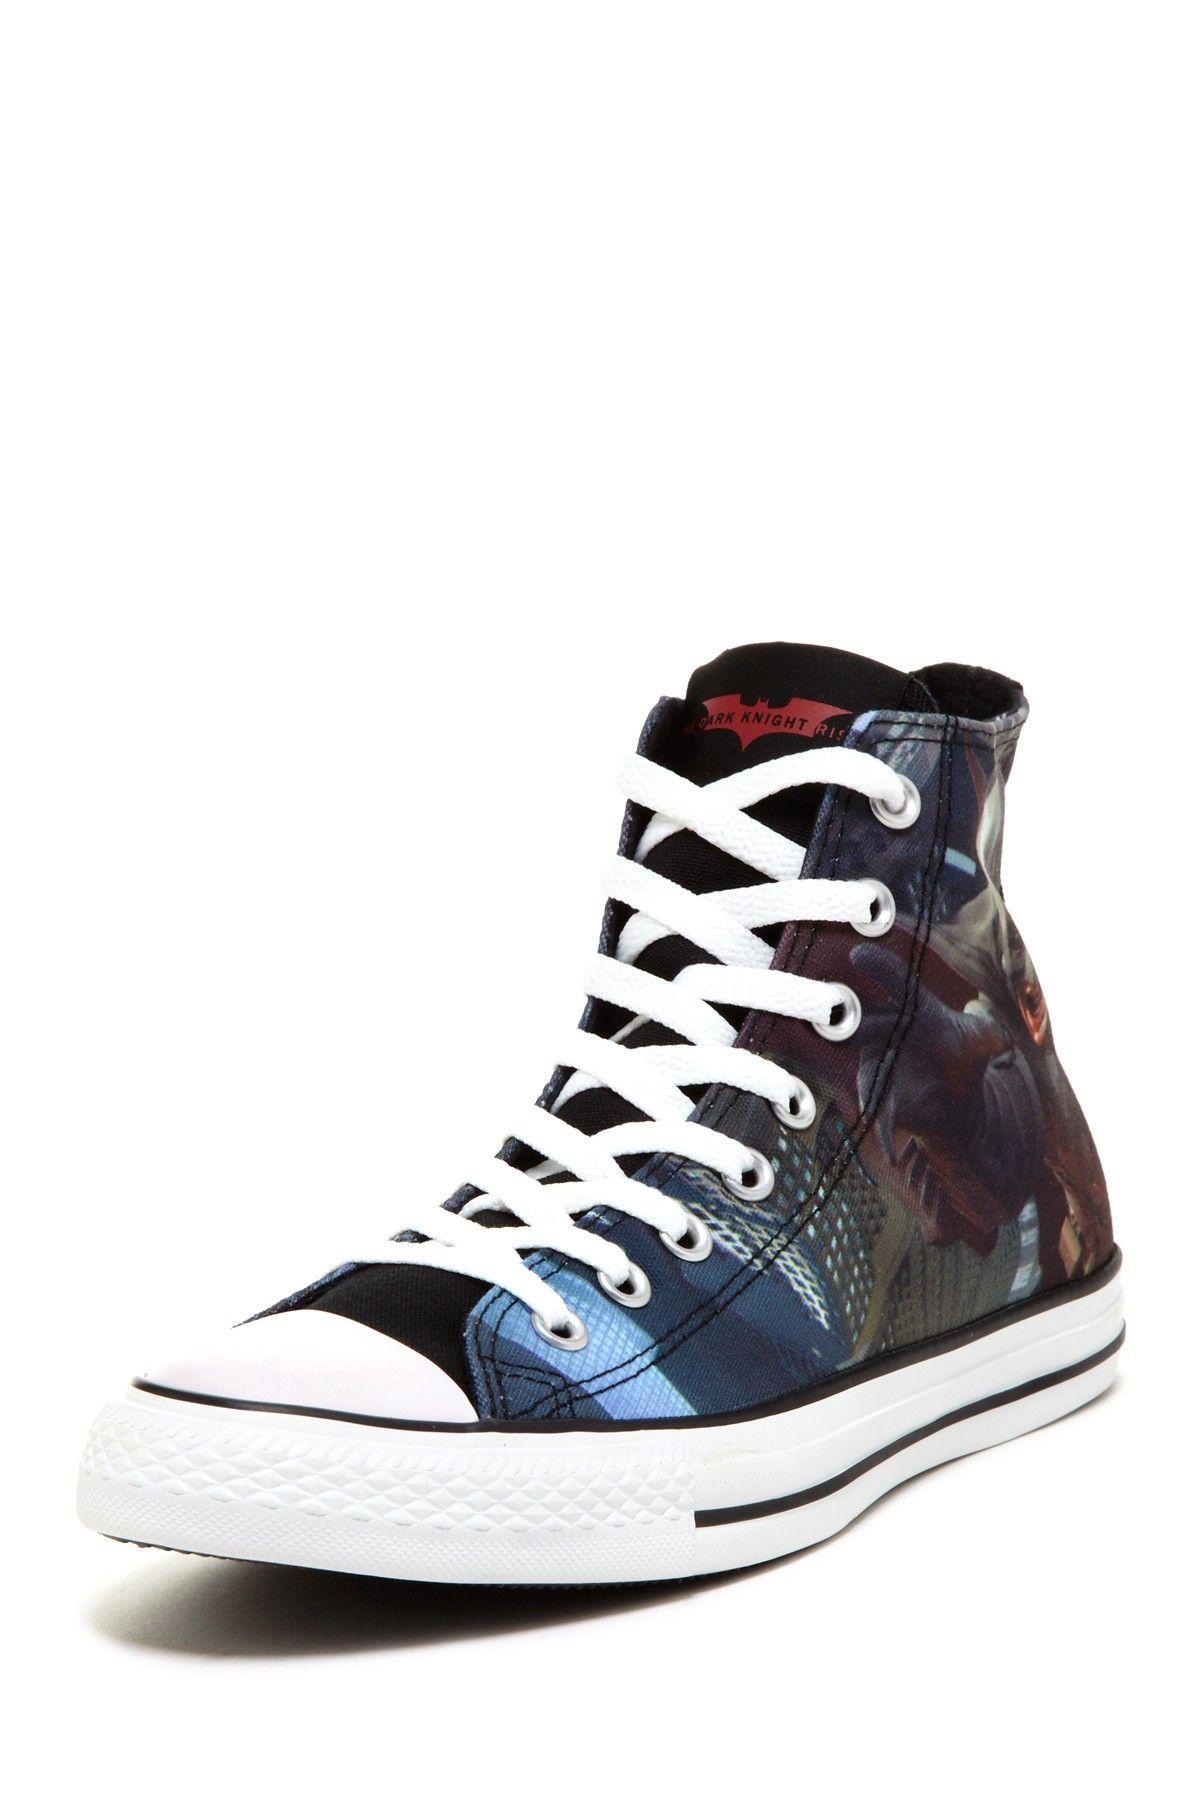 23578c524ff7 Converse Chuck Taylor DC Comics Batman High Top Sneaker